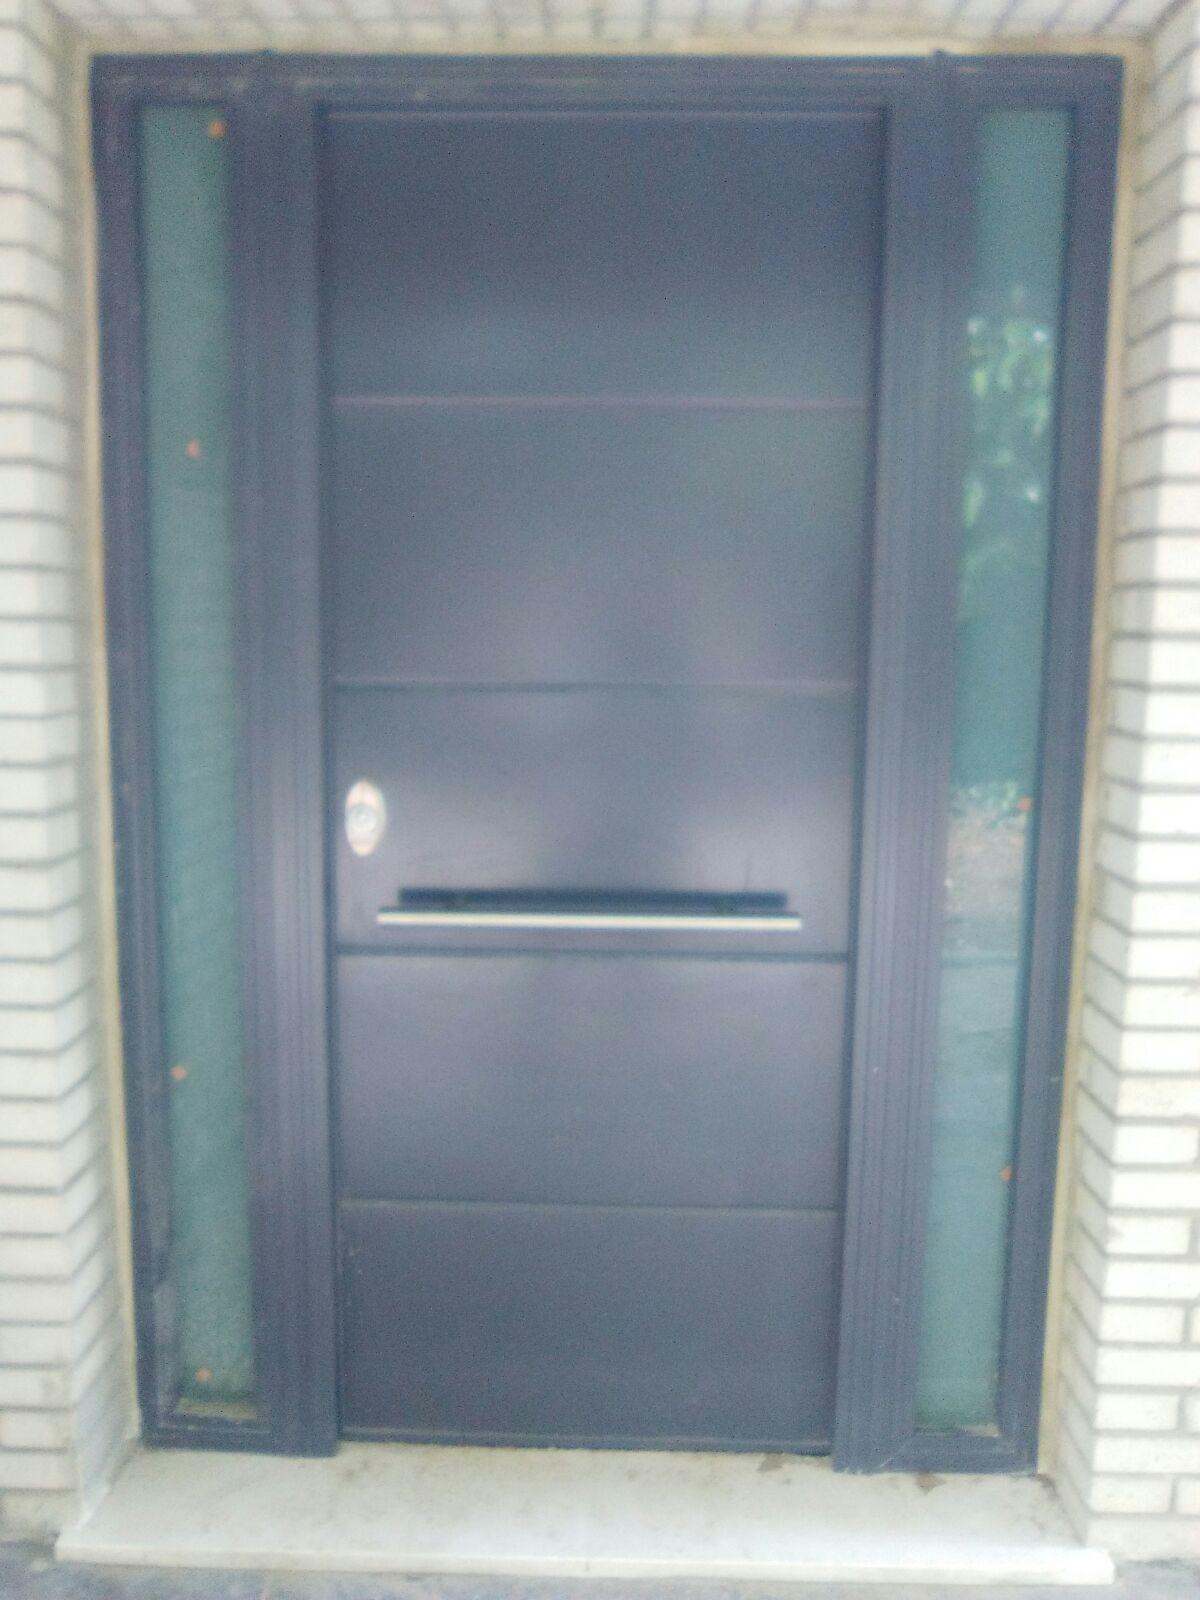 Puerta acorazada de exterior color seg n ral con fijos - Puertas acristaladas exterior ...